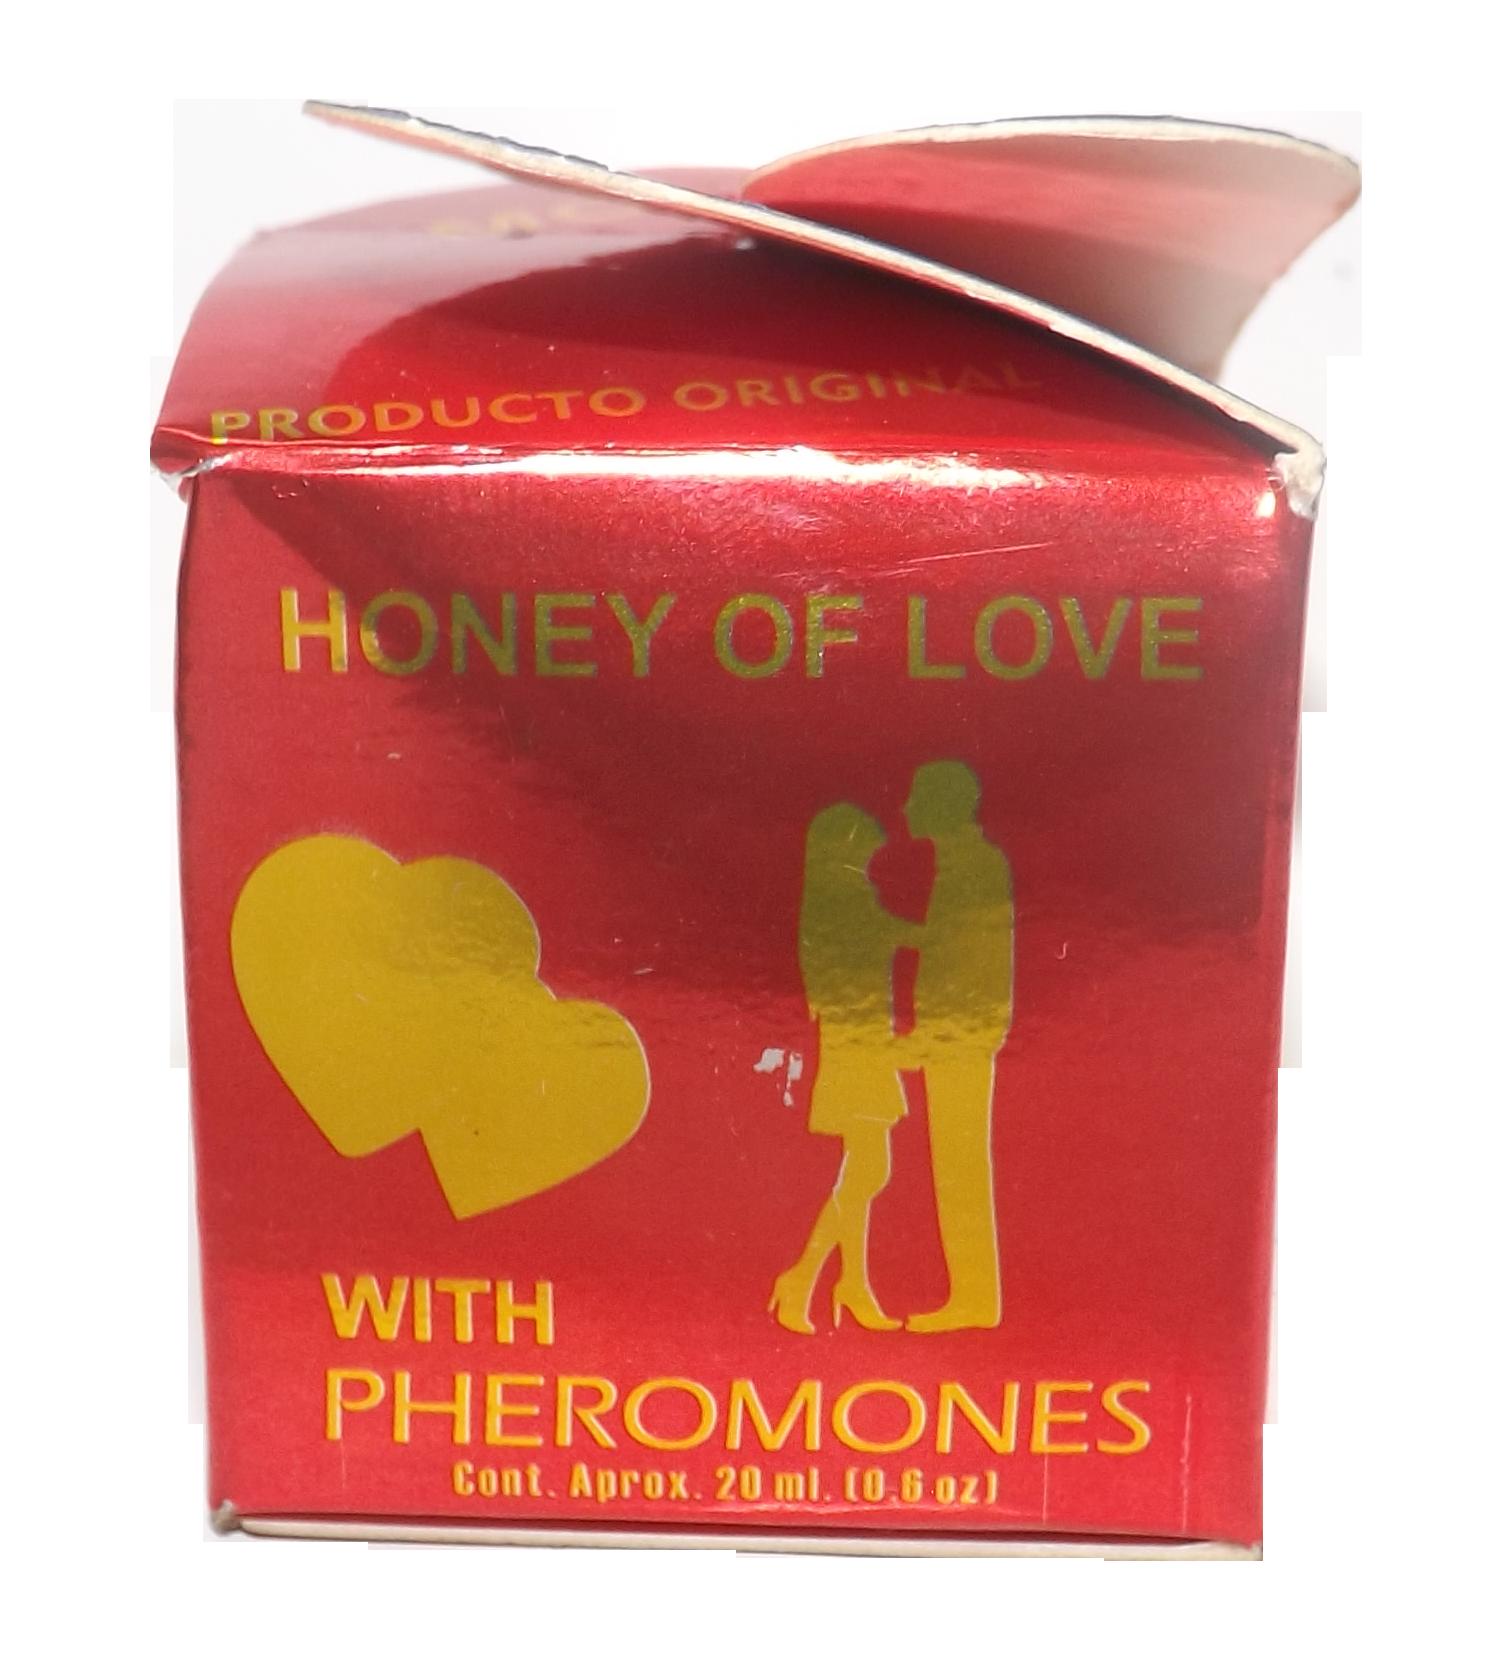 miel de amor con feromornas